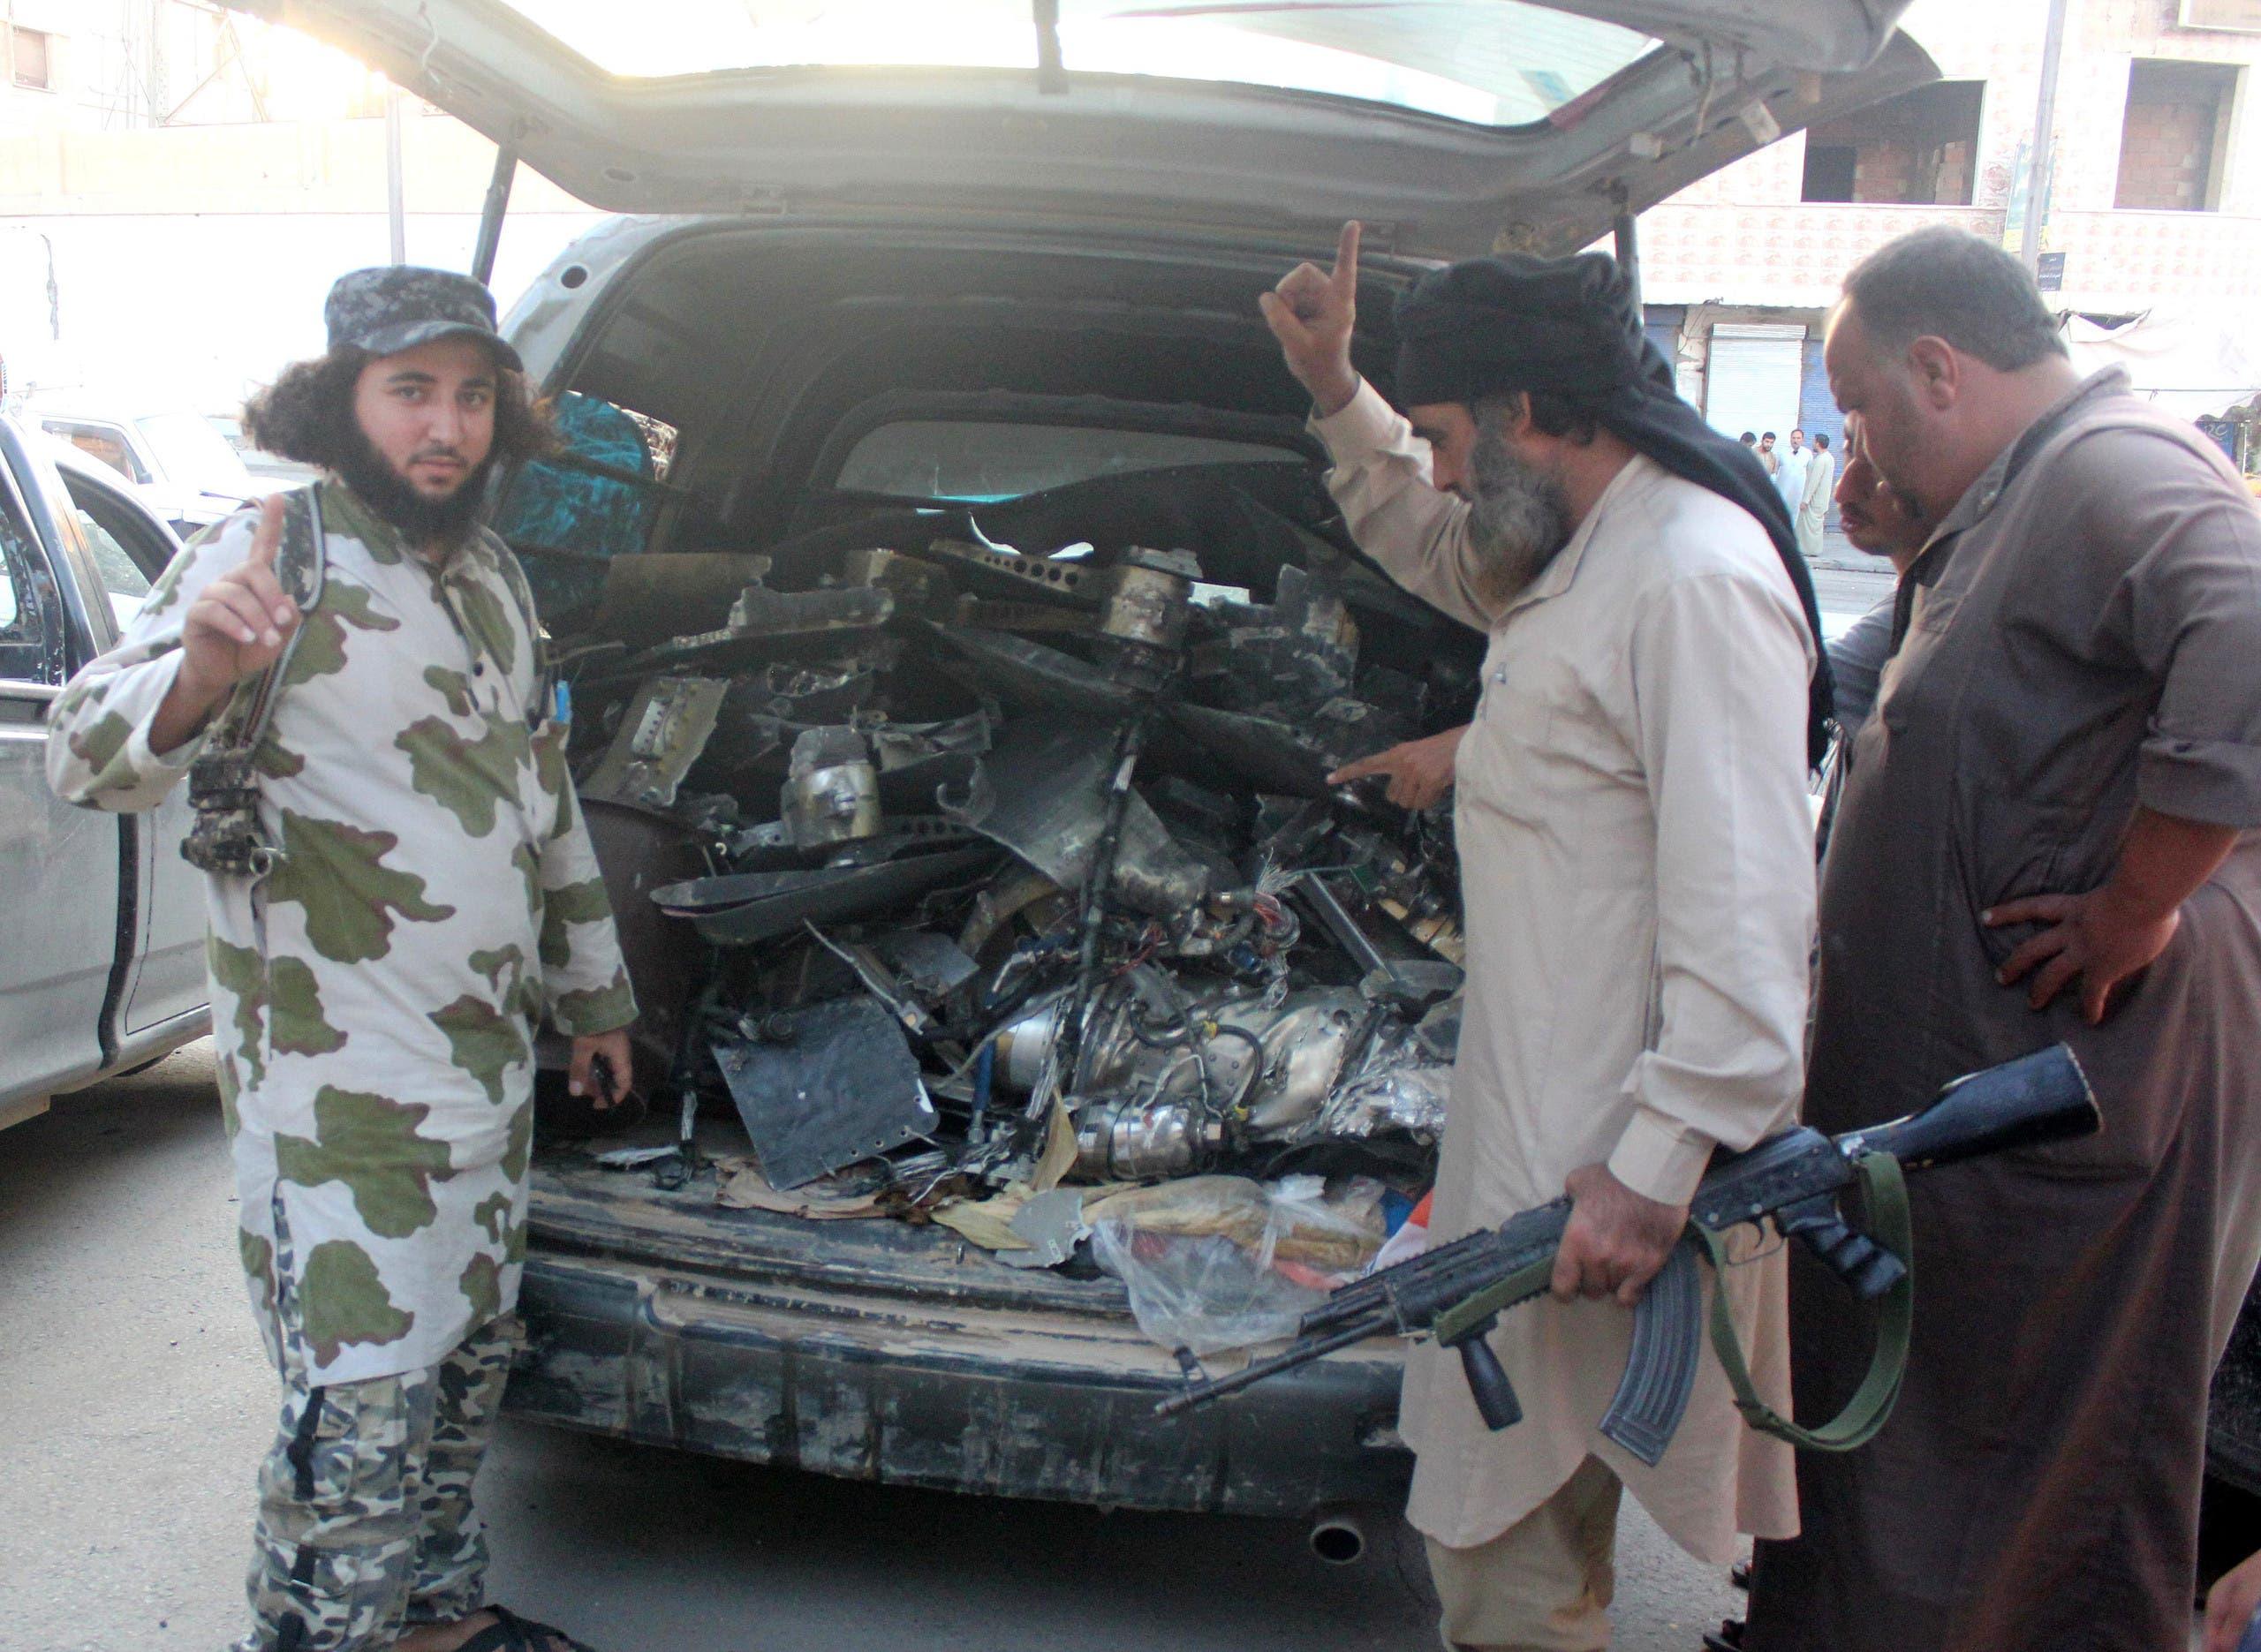 مقاتلون من داعش يظهرون ما يدعون أنها طائرة من دون طيار أميركية وقعت في الرقة (أرشيفية)